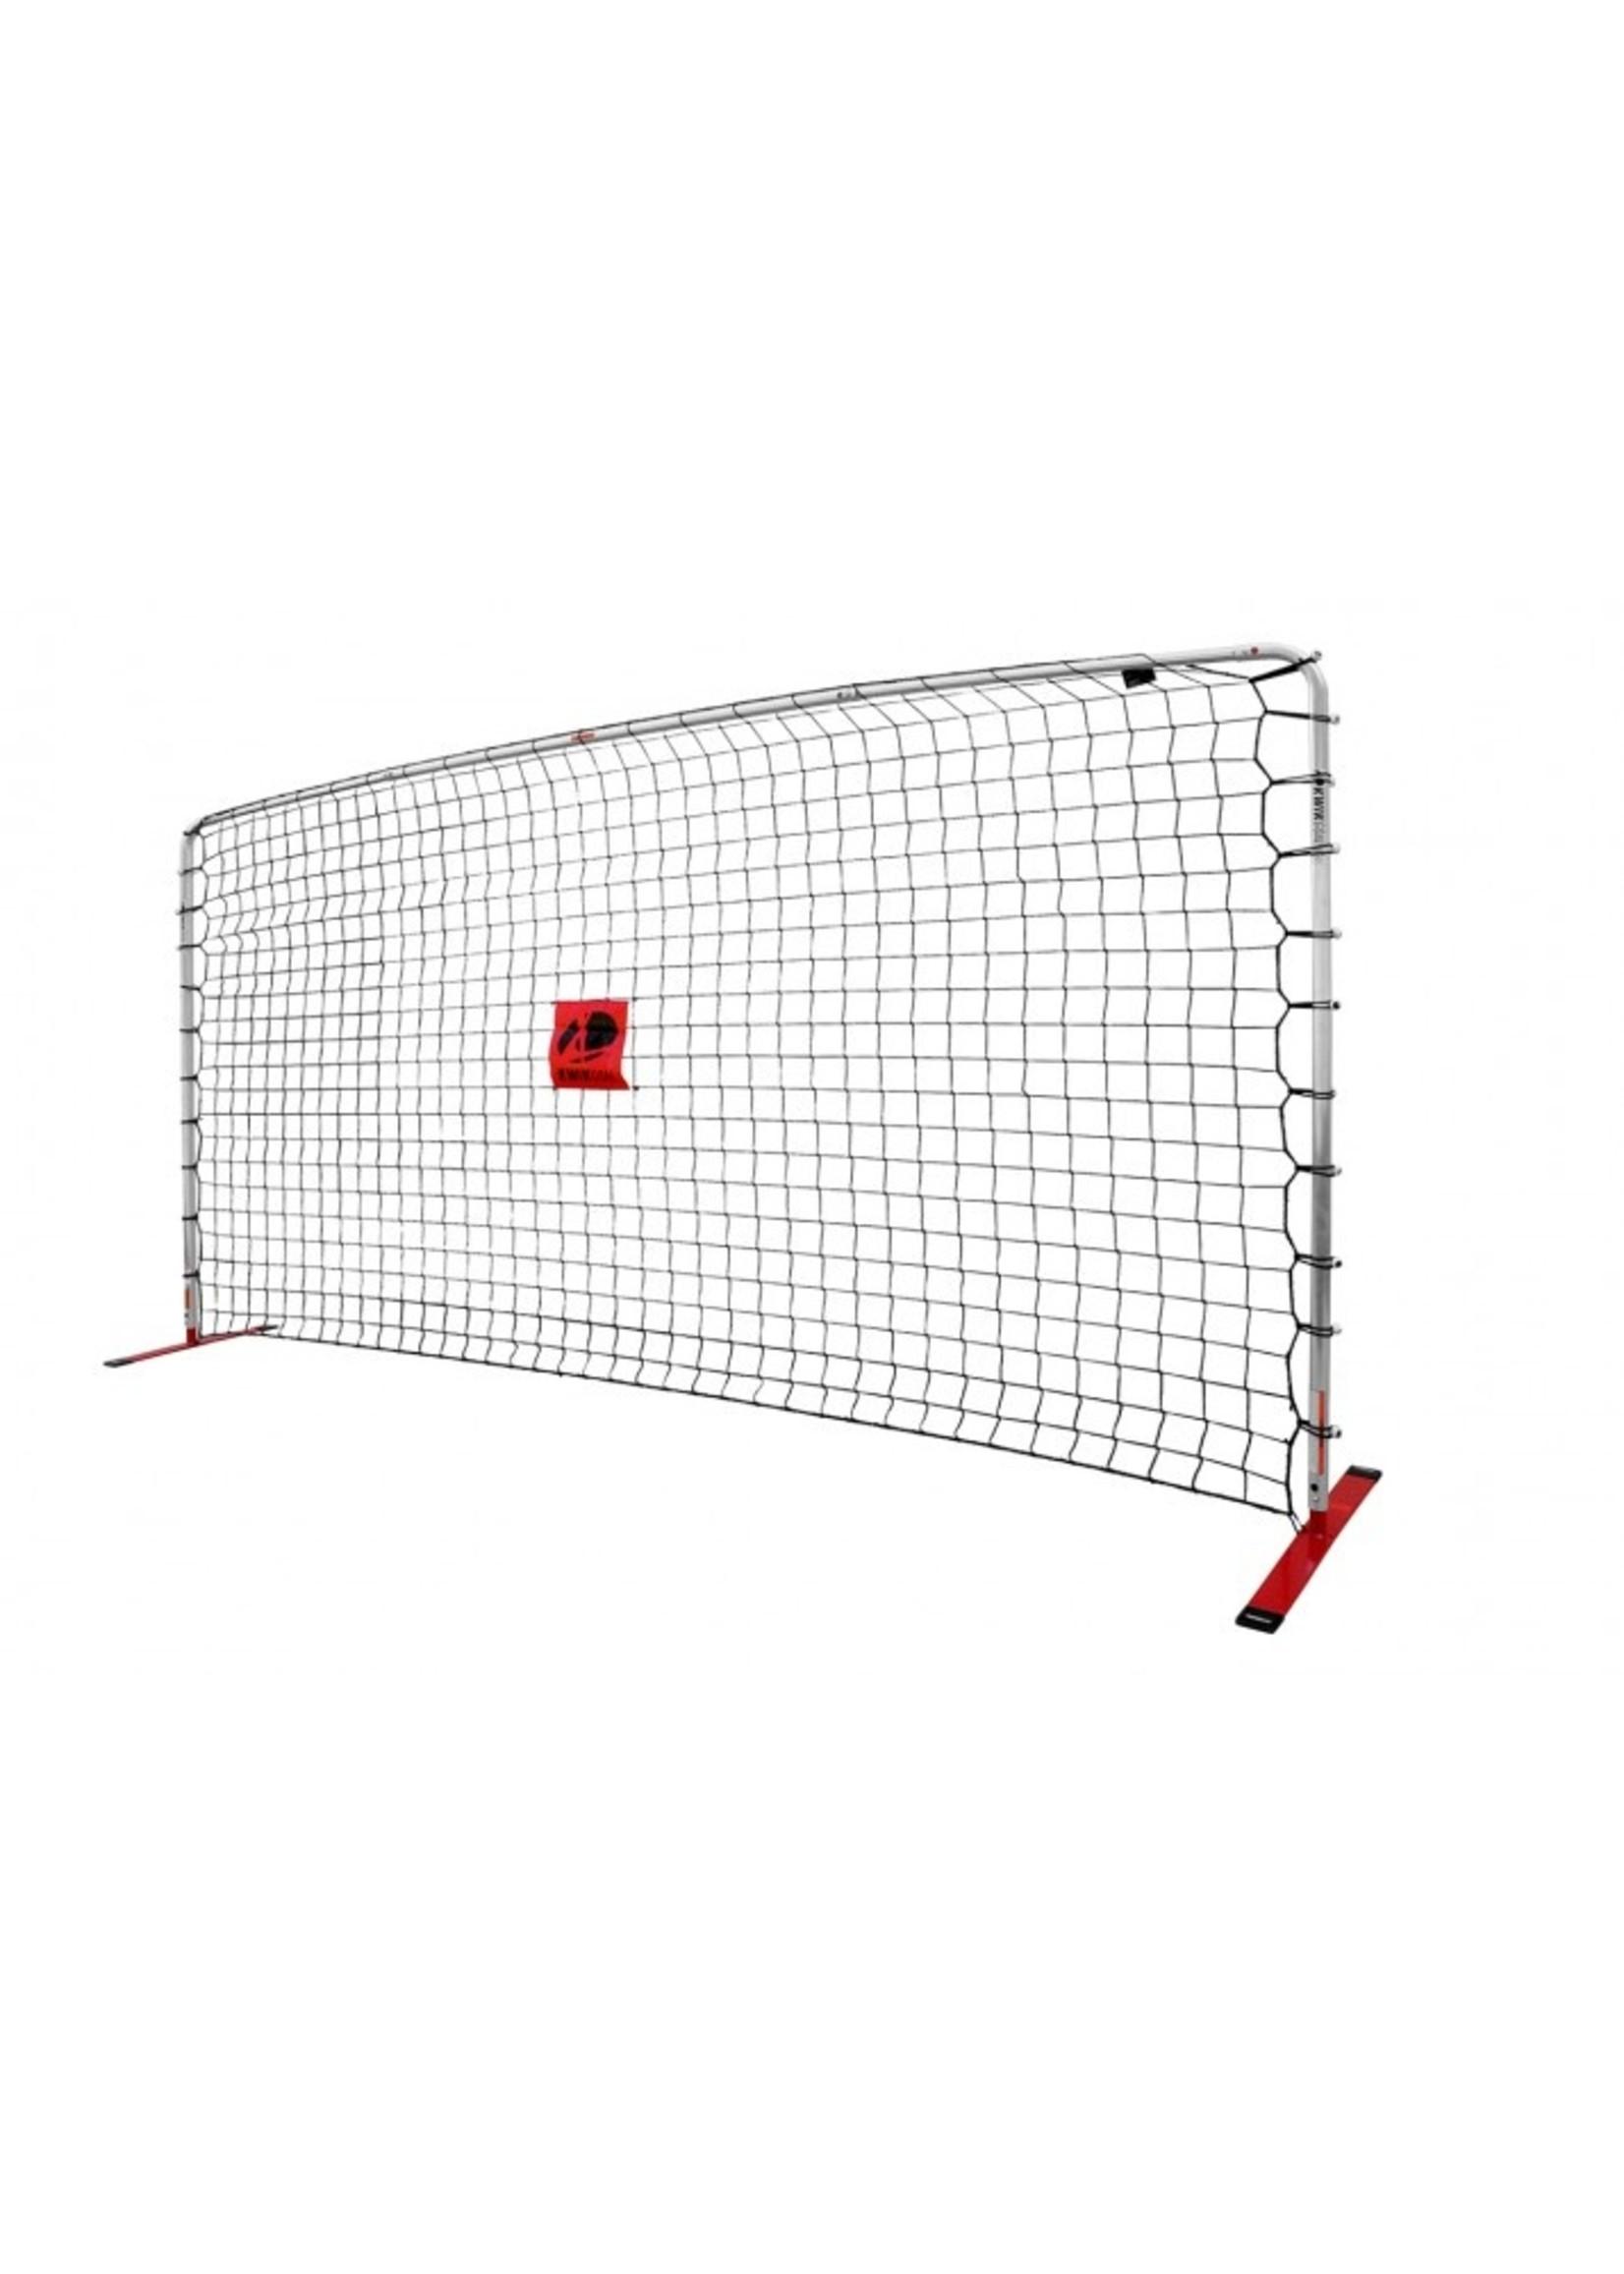 AFR-1 Rebounder 7x14